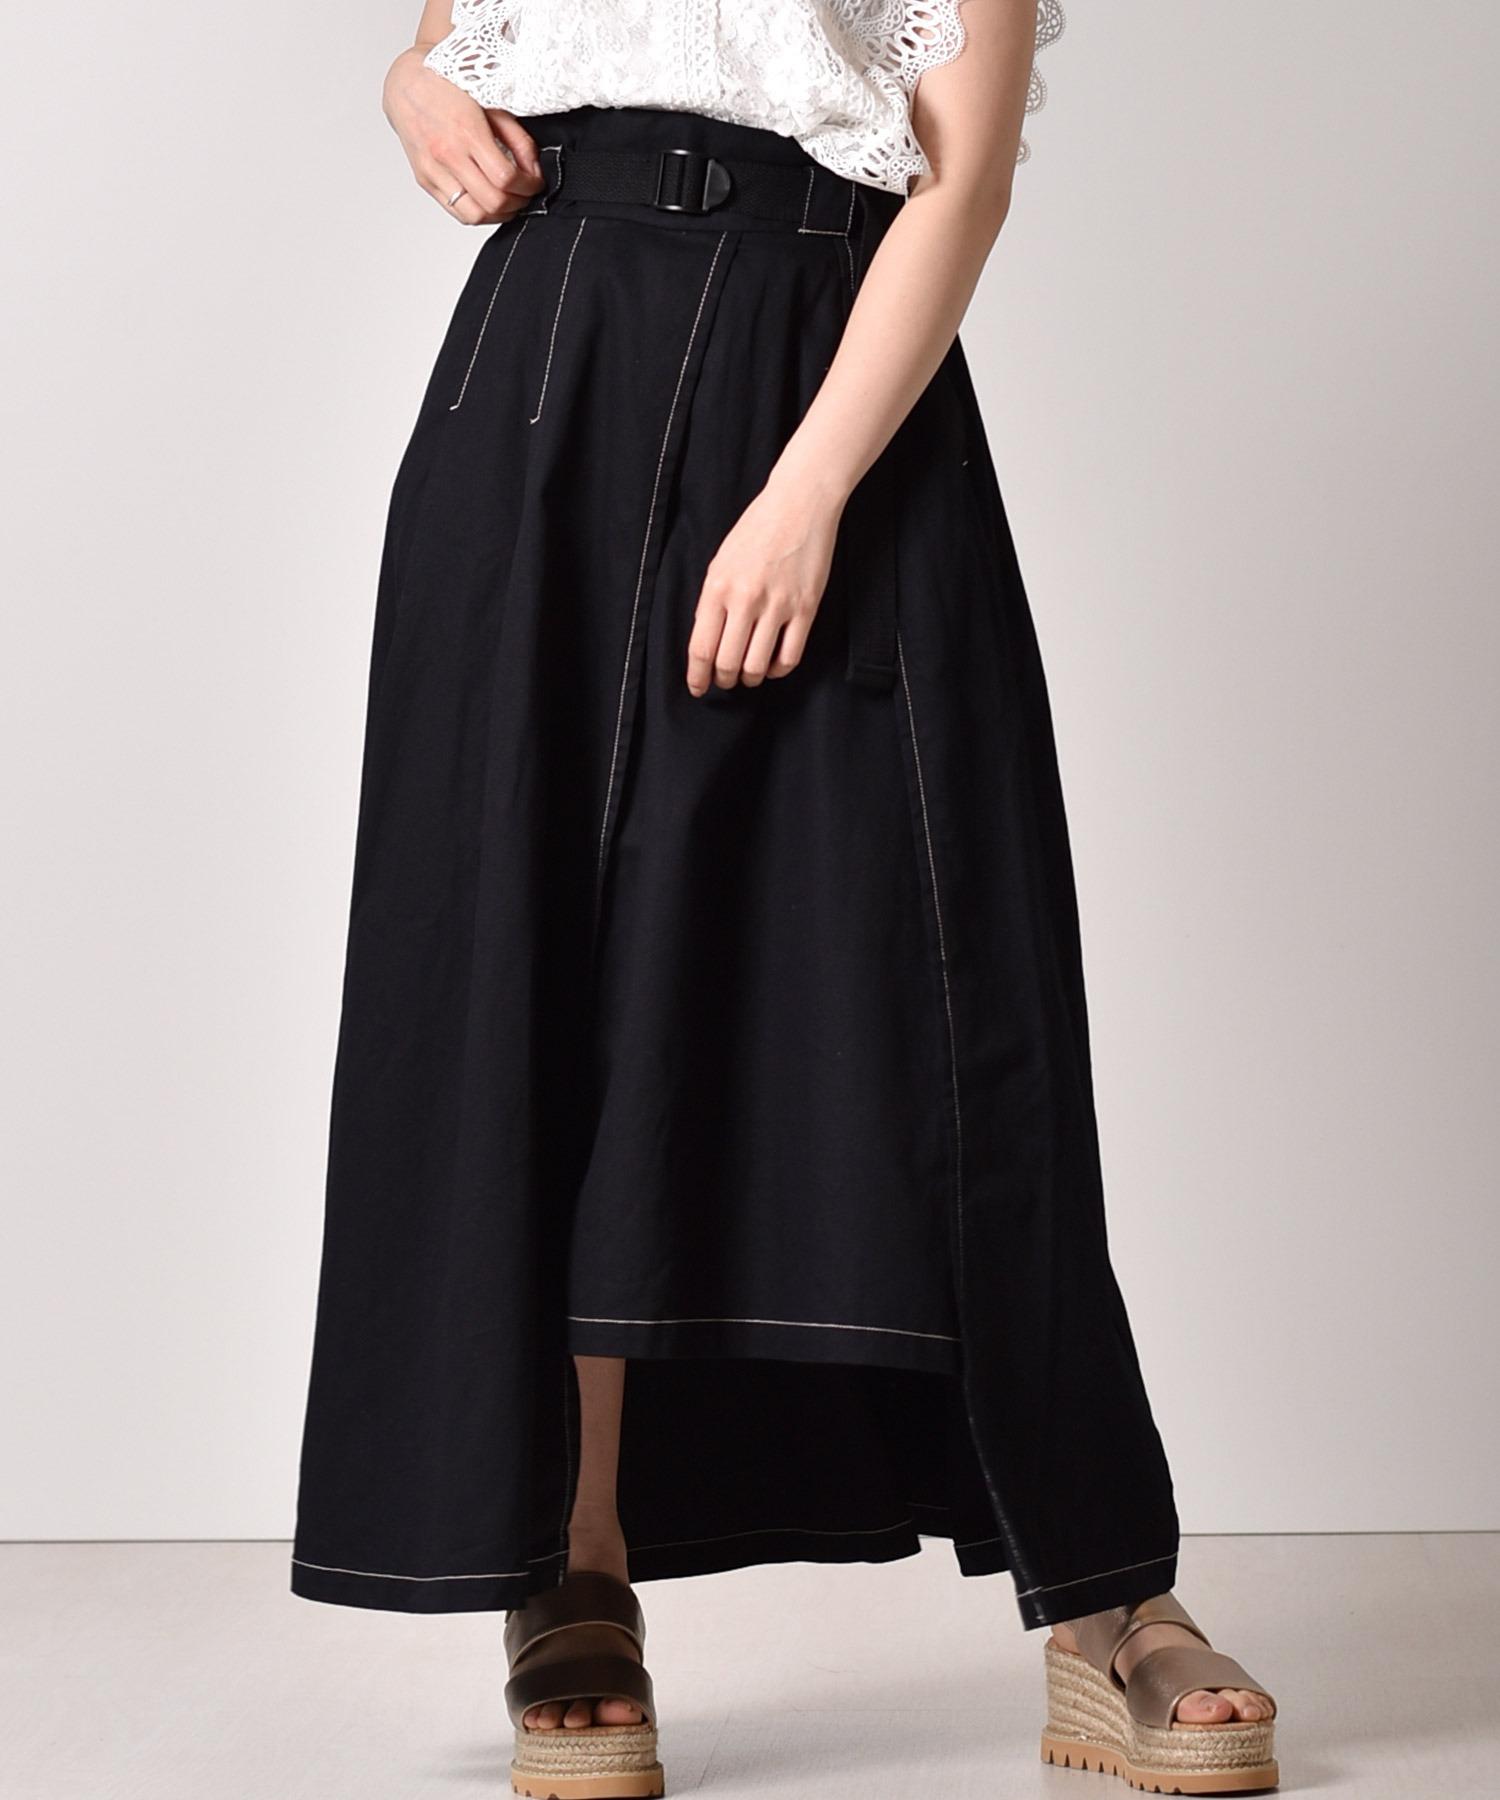 ベルト付ロングフレアスカート